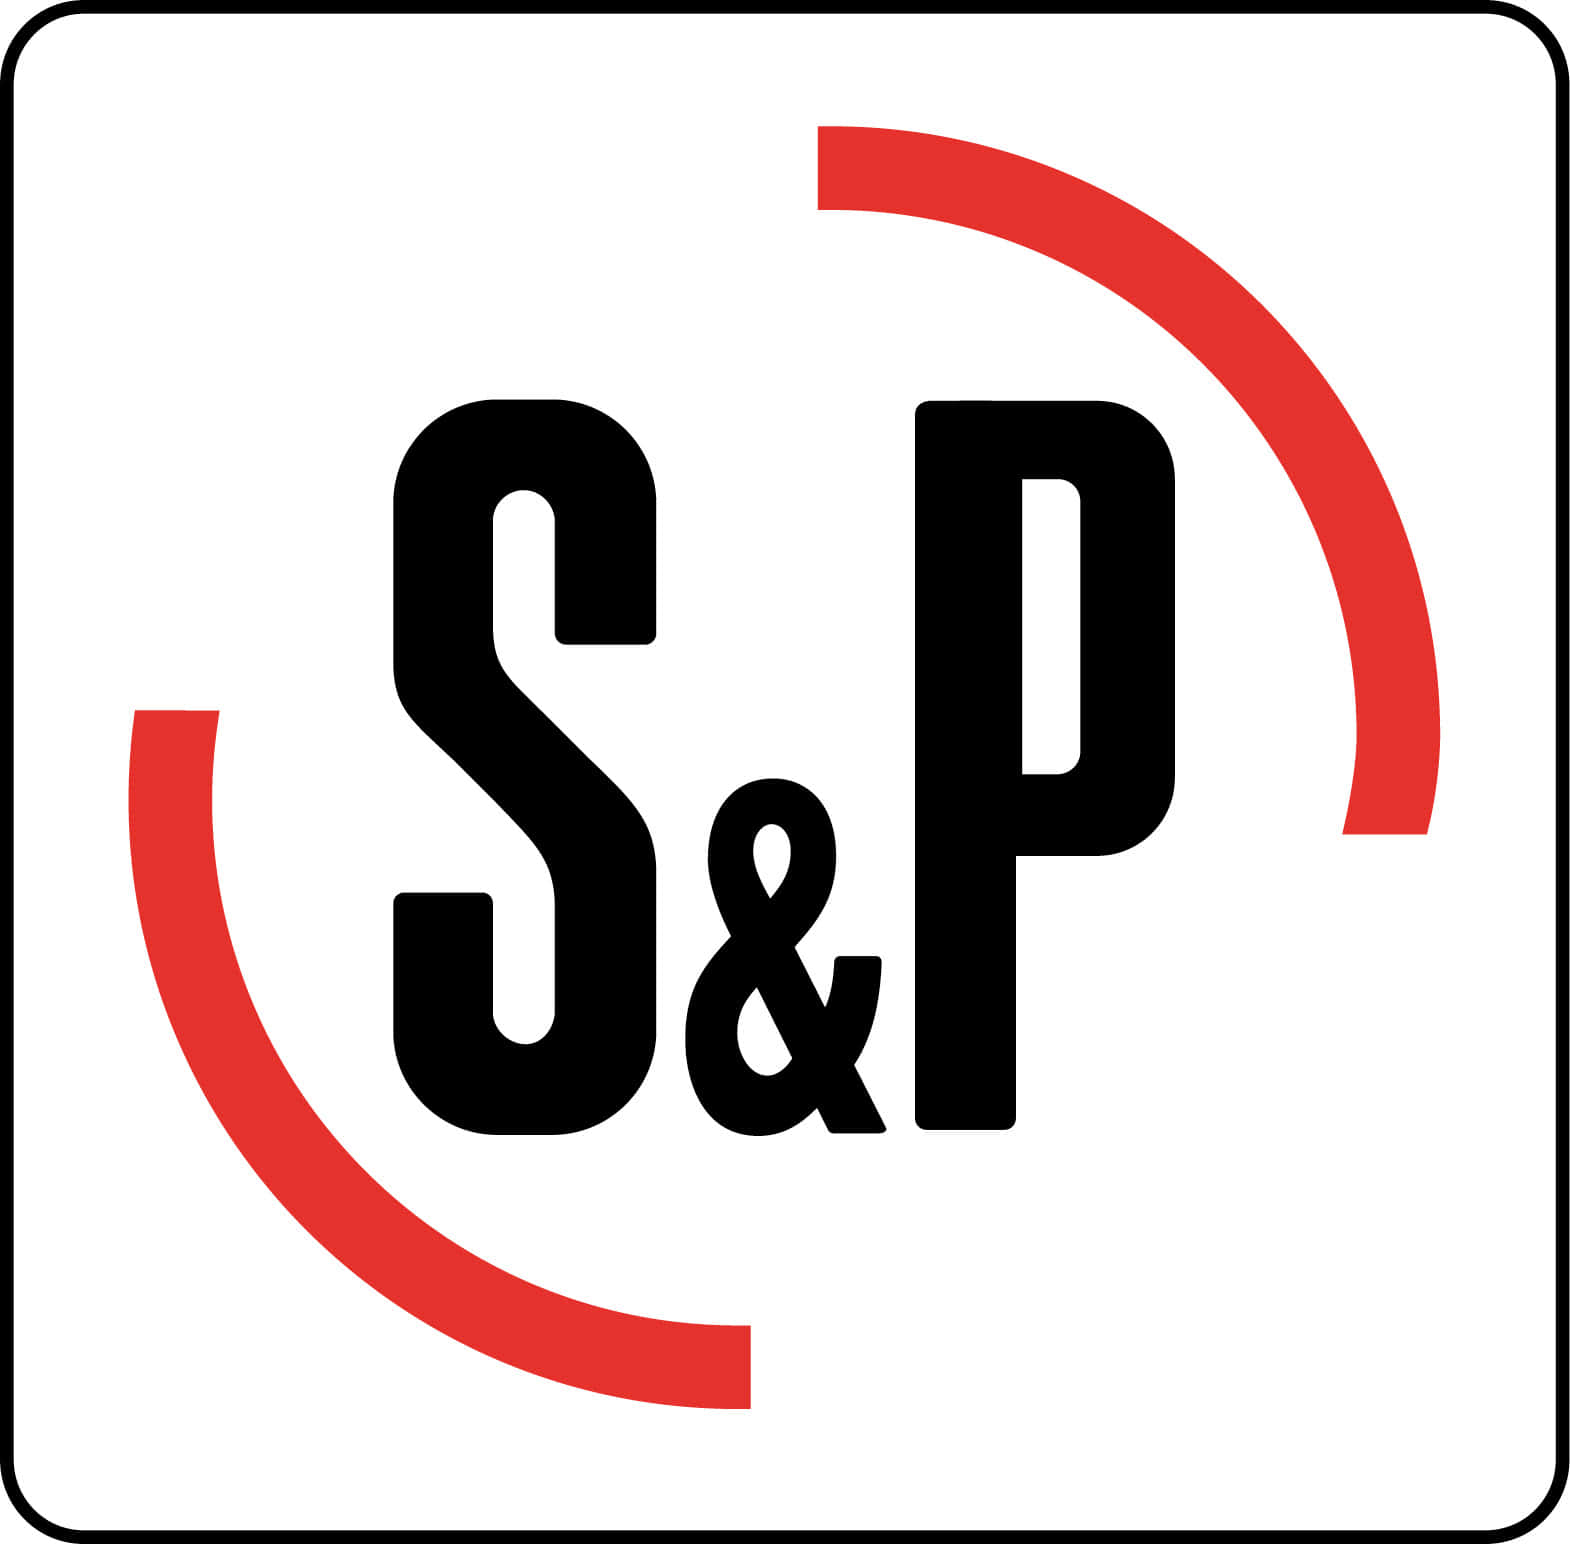 Купить рекуператор S&P Respiro 150 в Минске по доступной цене